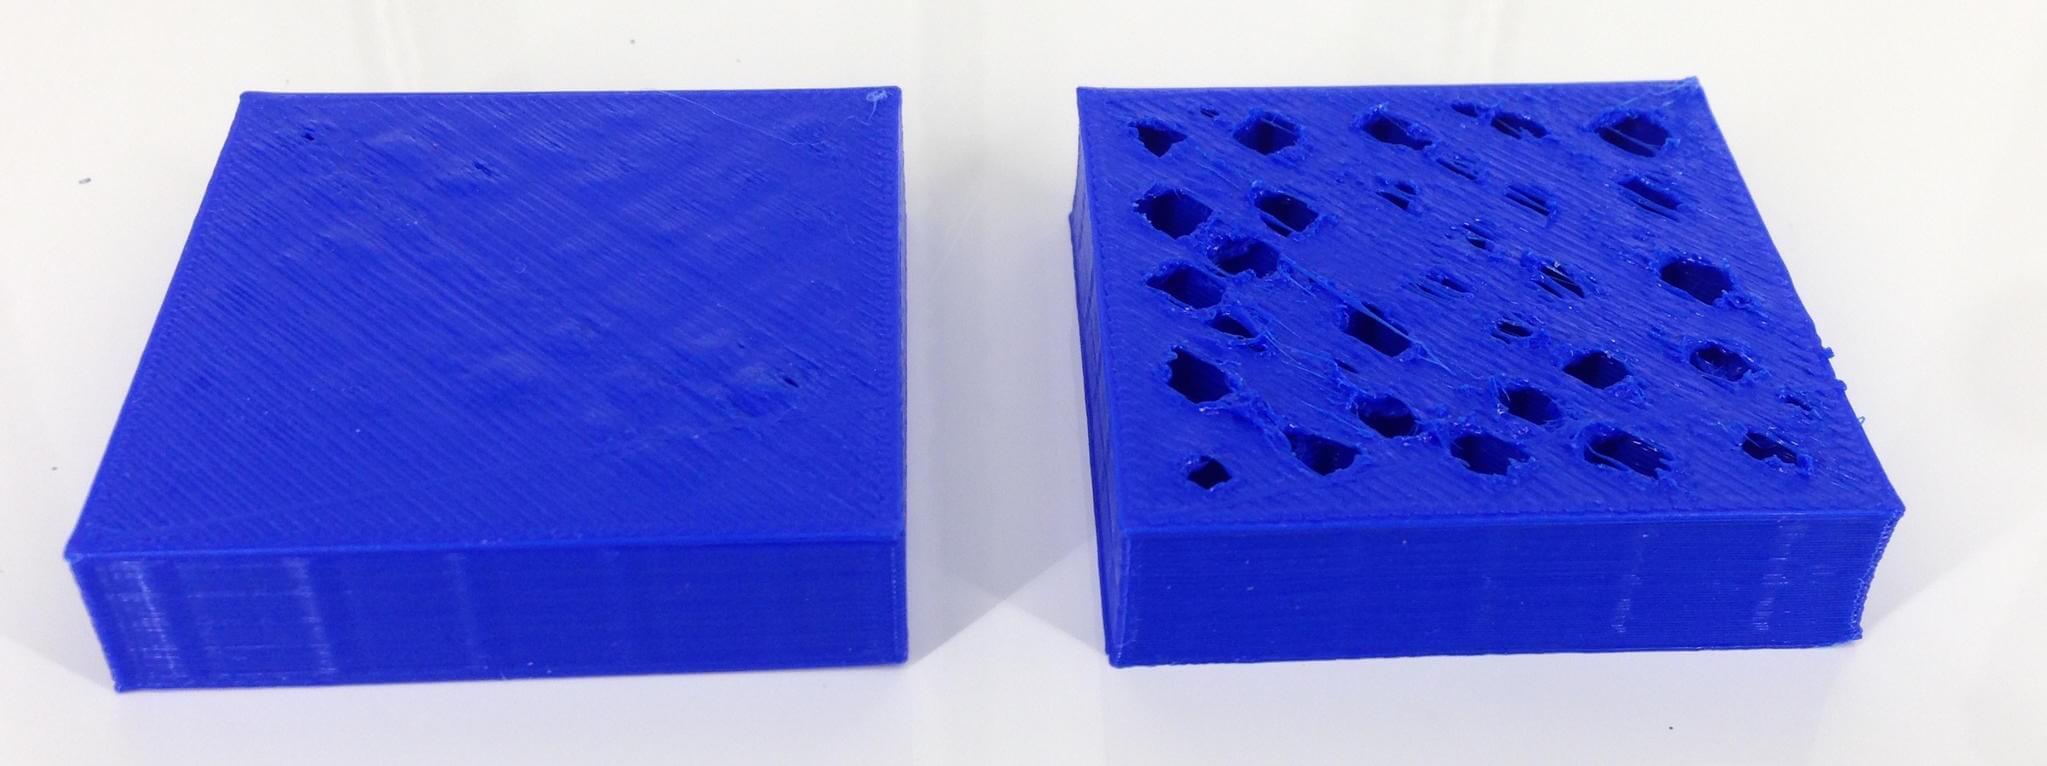 3D Print Pillowing